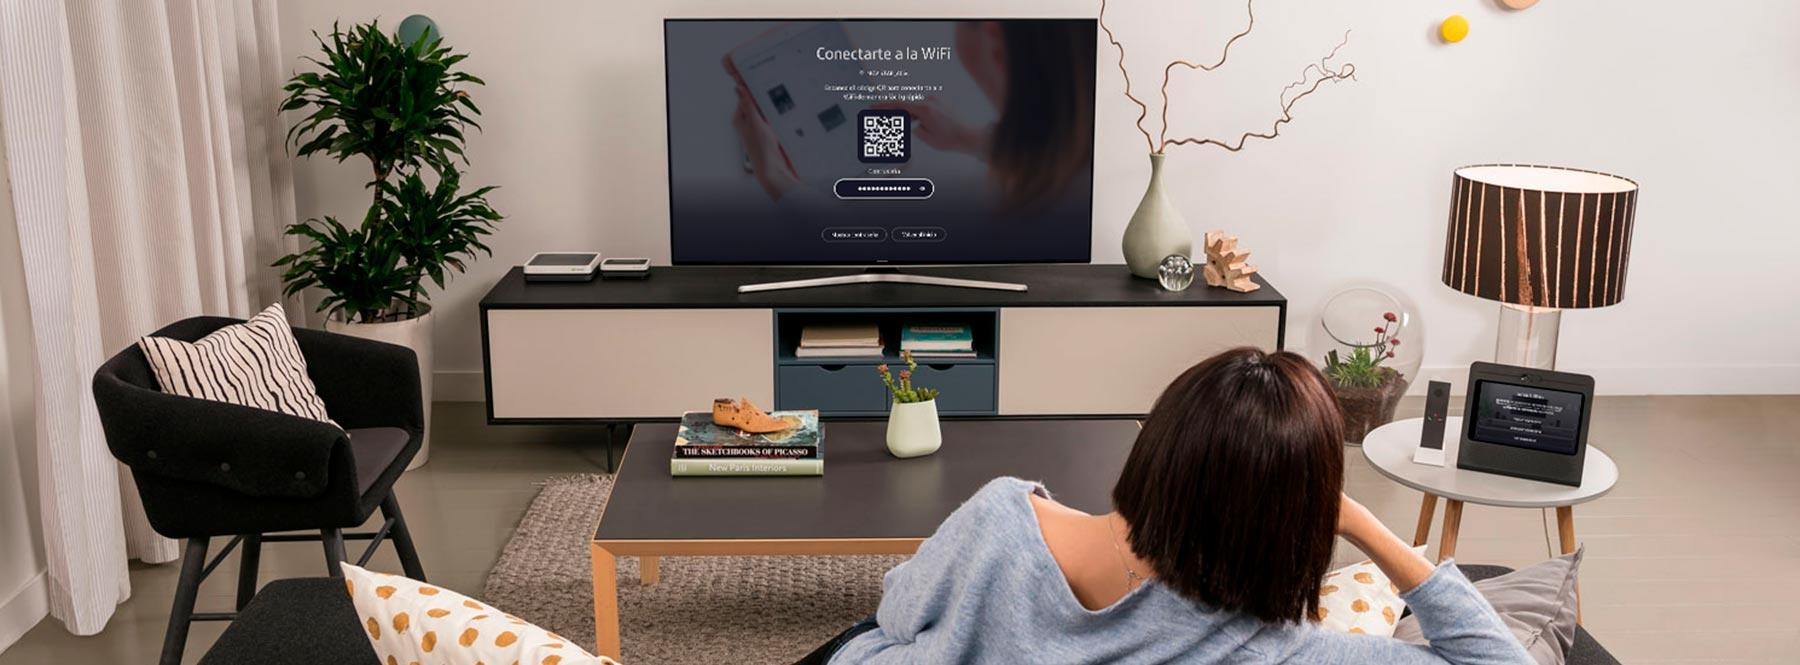 ¿Consultar la contraseña de tu WiFi sin mirar el router? Llega la Living App Smart WiFi a tu televisión